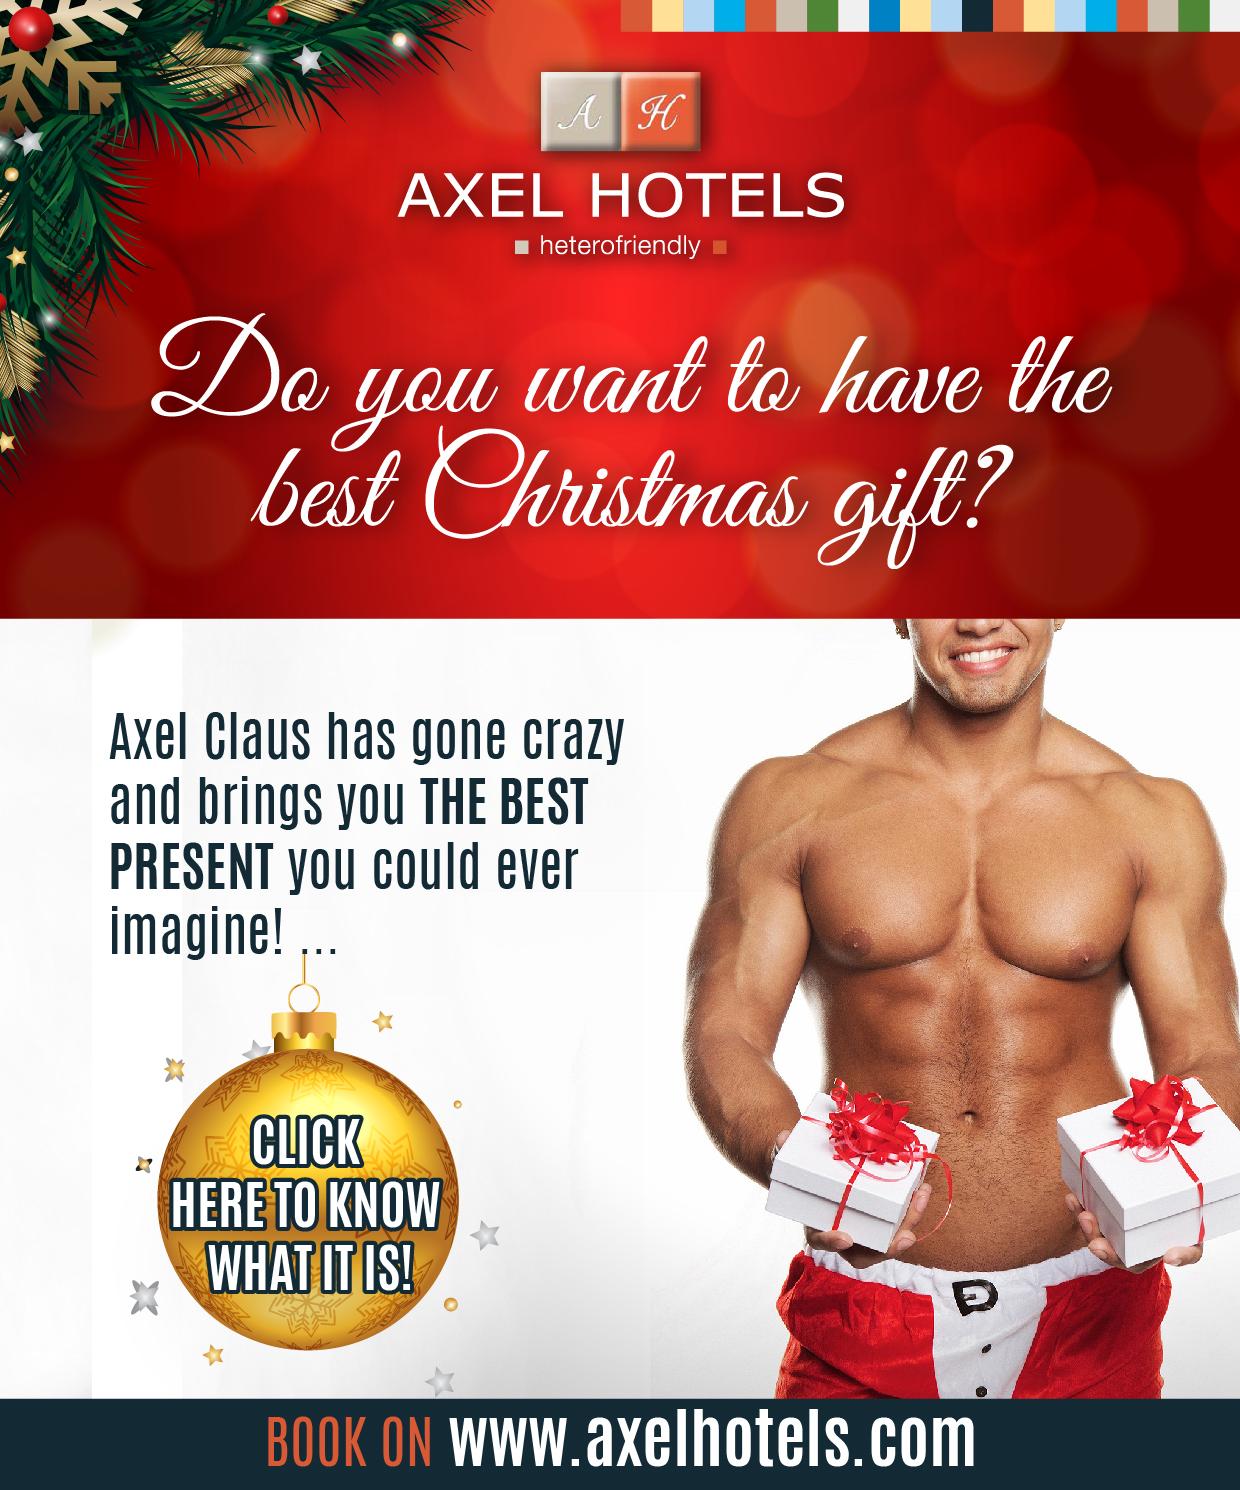 Original_axel_christmas_2017_promocio_axelhoteles_dic2017-02